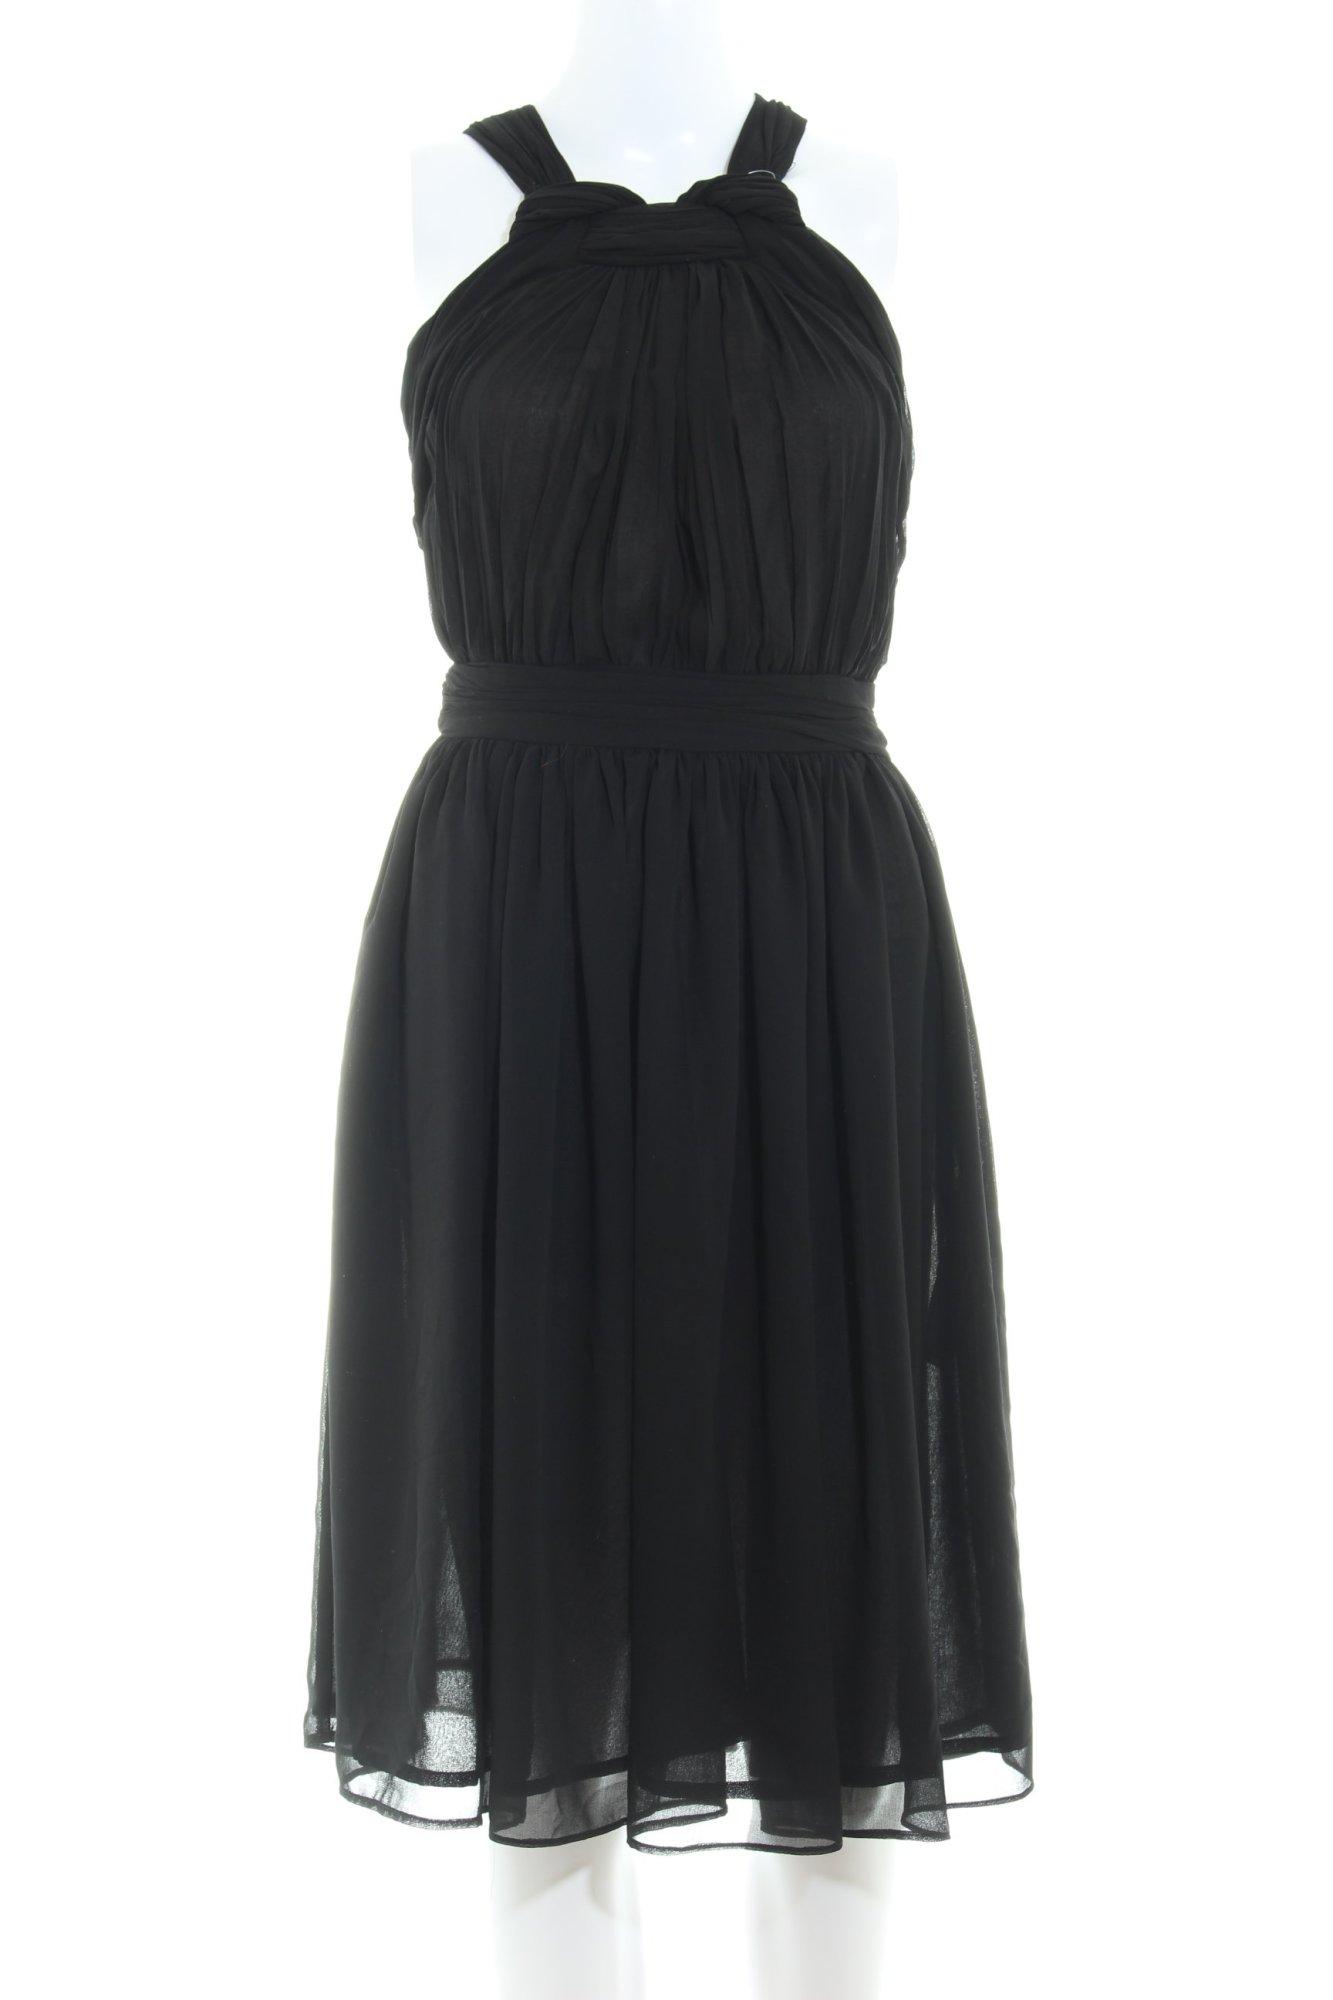 details zu zara basic trägerkleid schwarz elegant damen gr. de 34 kleid  dress